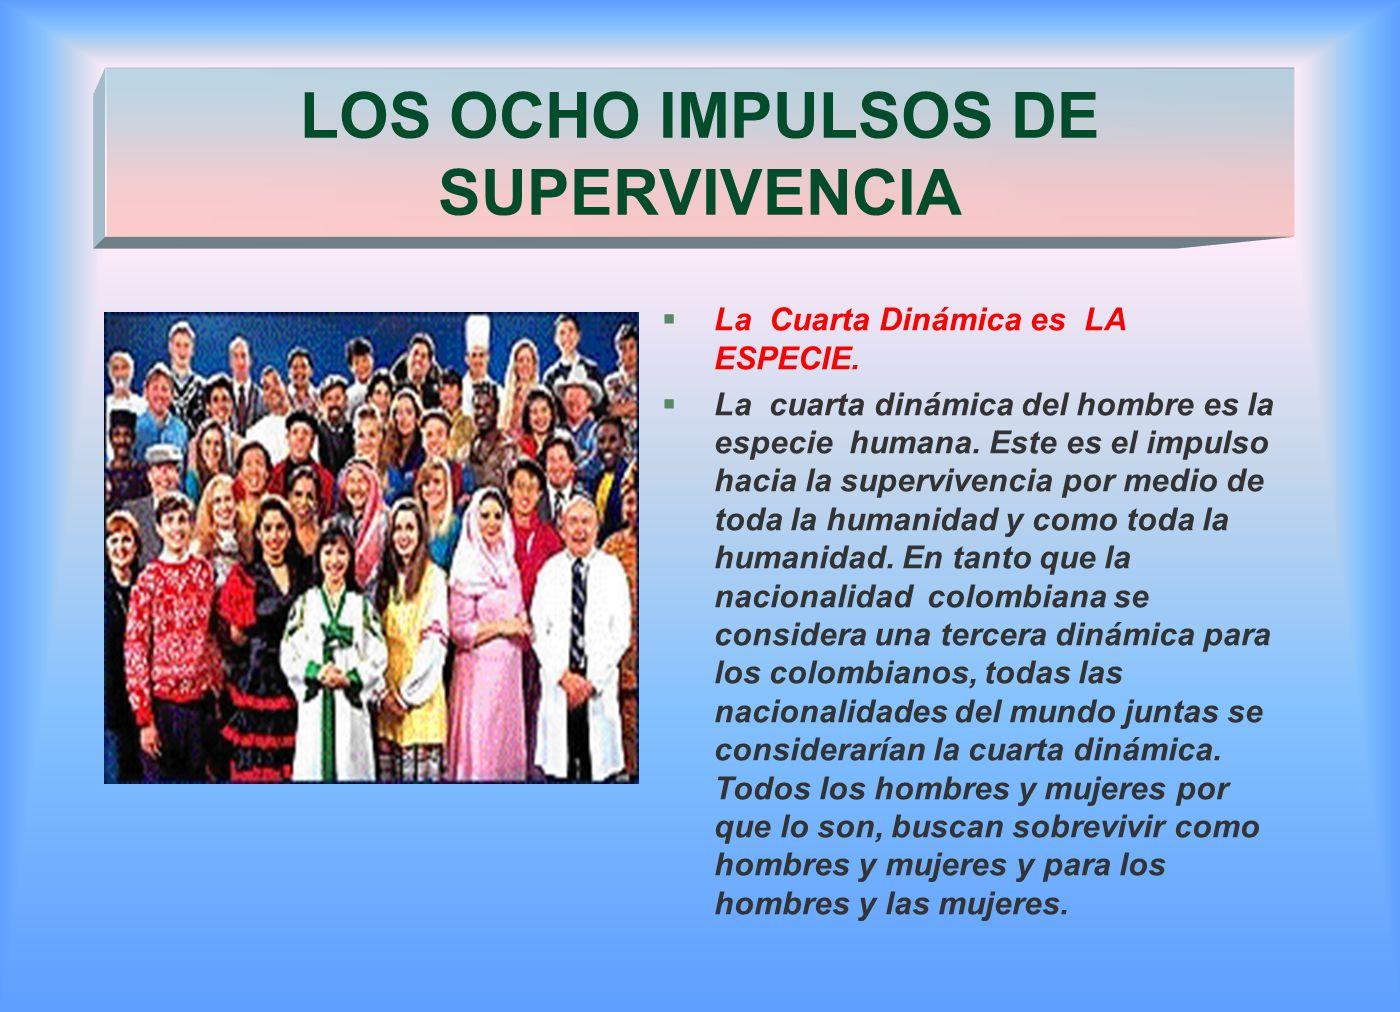 §La Quinta Dinámica son LAS FORMAS DE VIDA.